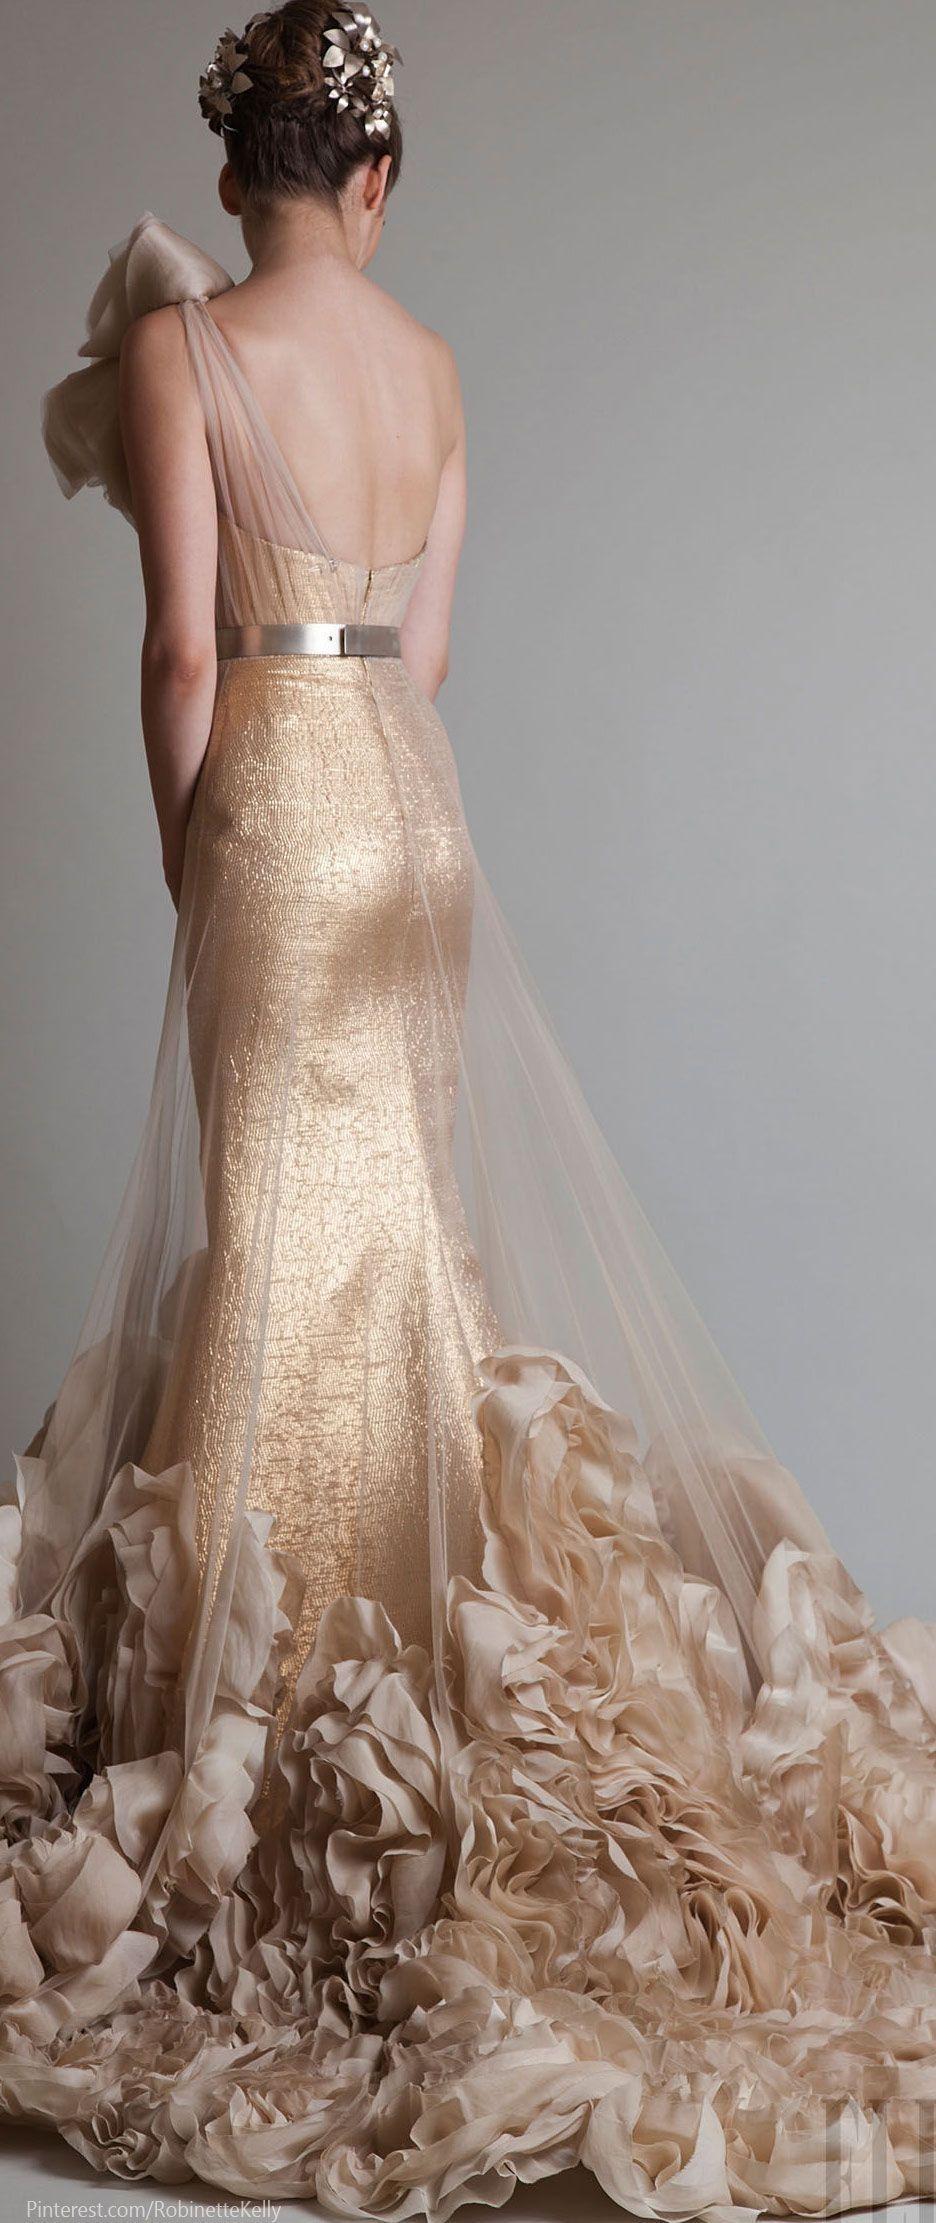 A thousand times gold.  Kleider hochzeit, Schöne kleider